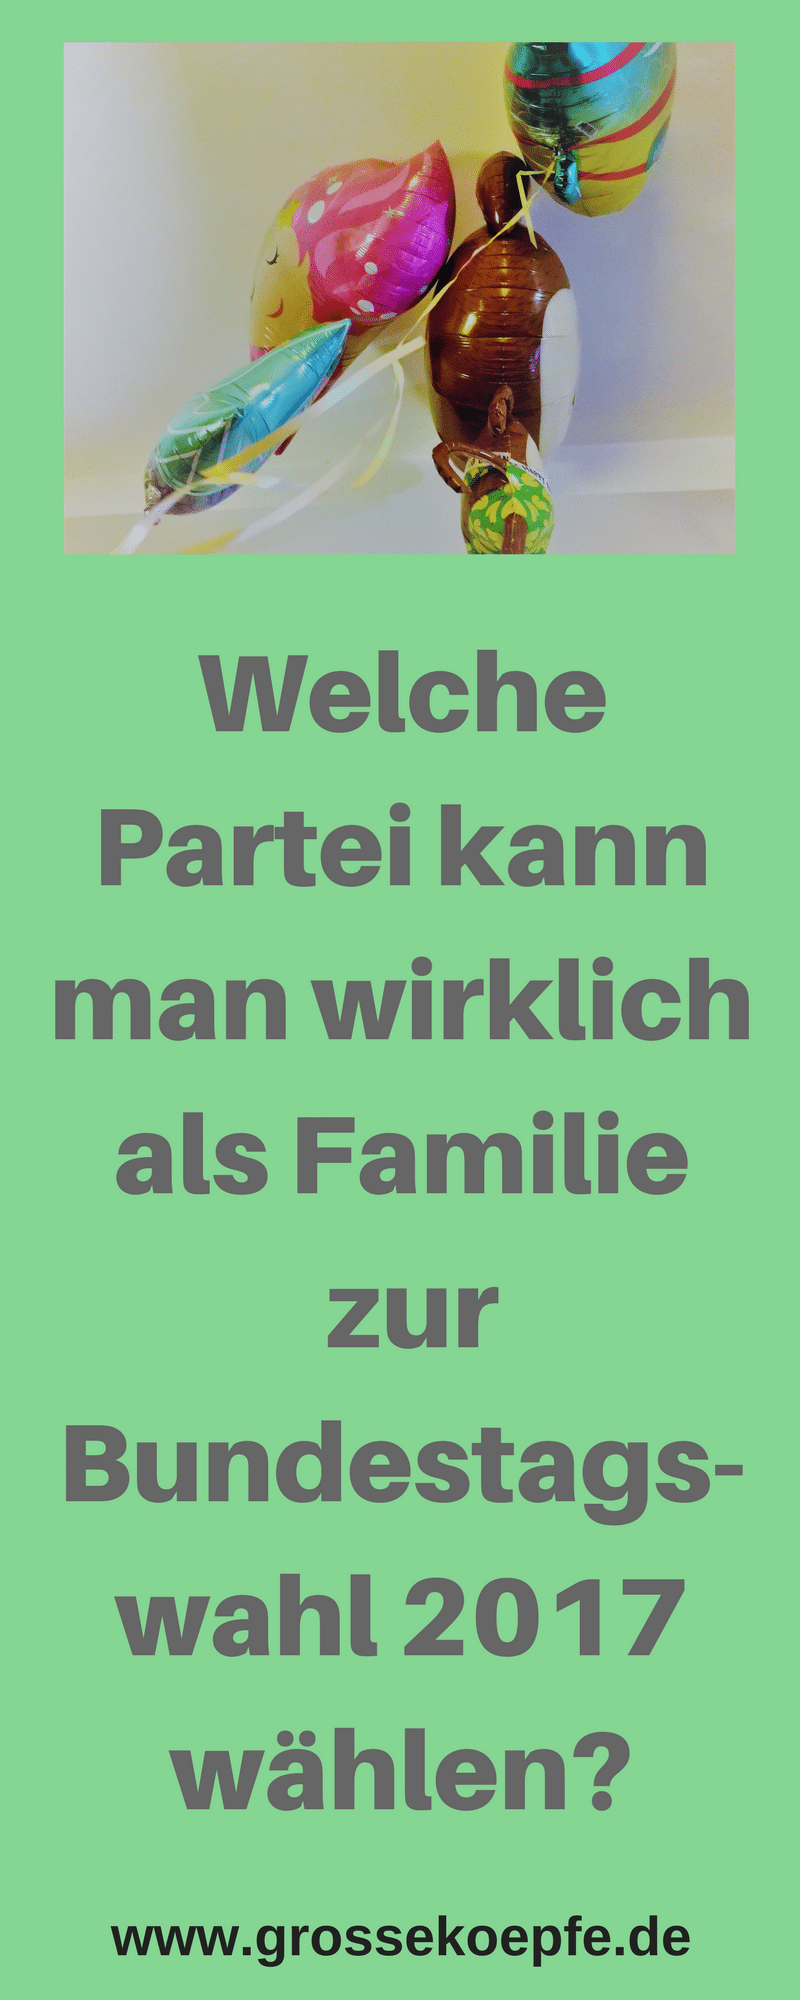 Welche Partei kann man als Familie wirklich zur Bundestagswahl 2017 wählen